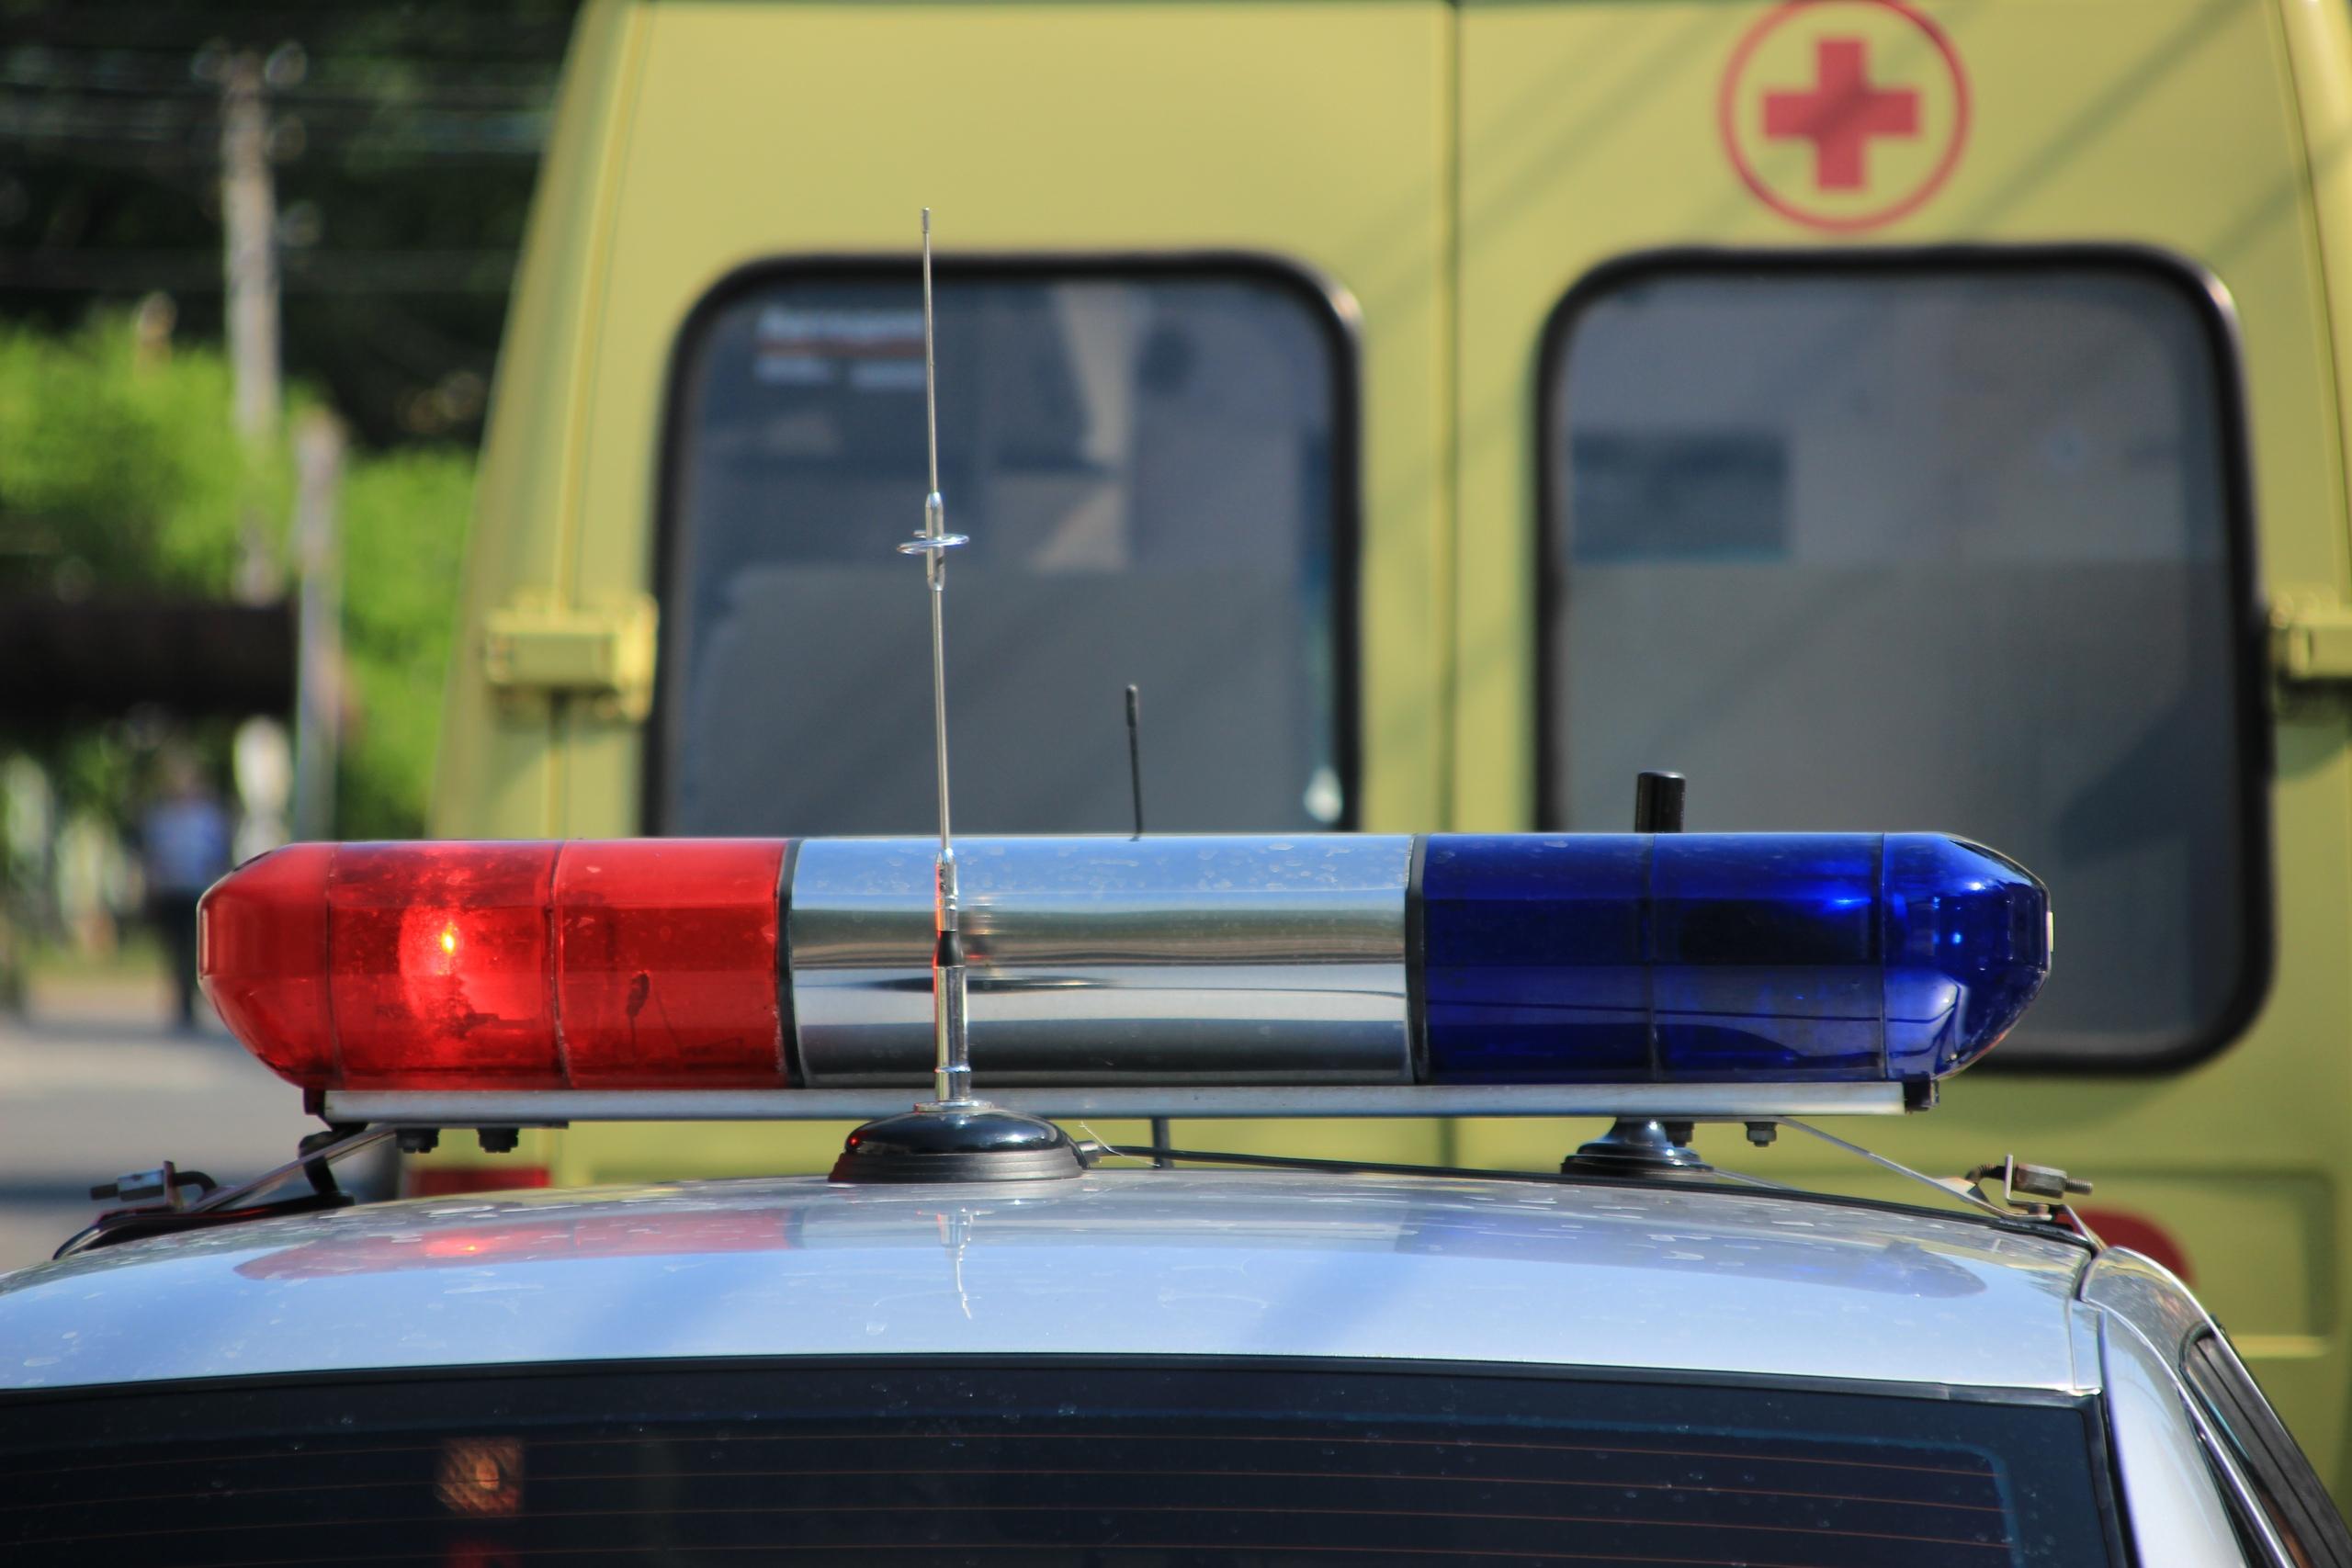 В Твери легковушка после столкновения вылетела на тротуар и сбила пешехода - новости Афанасий